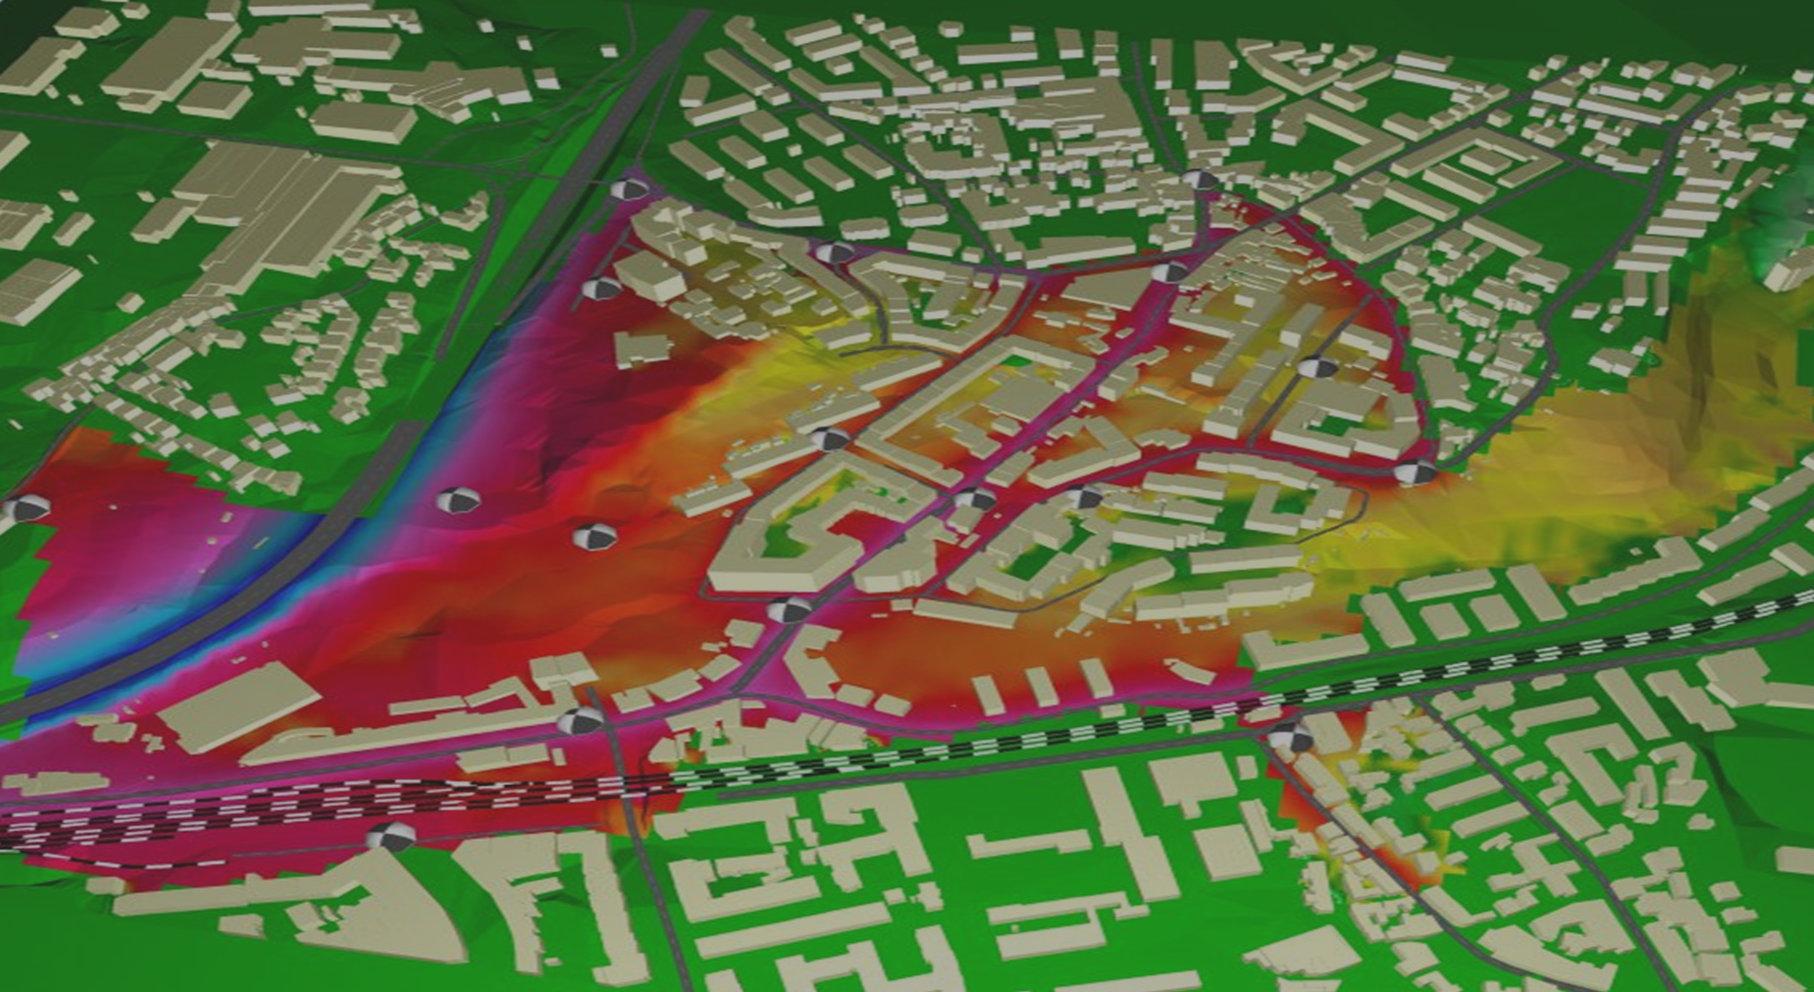 mapas de ruido en malaga, estudio acustico malaga, mapas acusticos andalucia, estudios acusticos andalucia